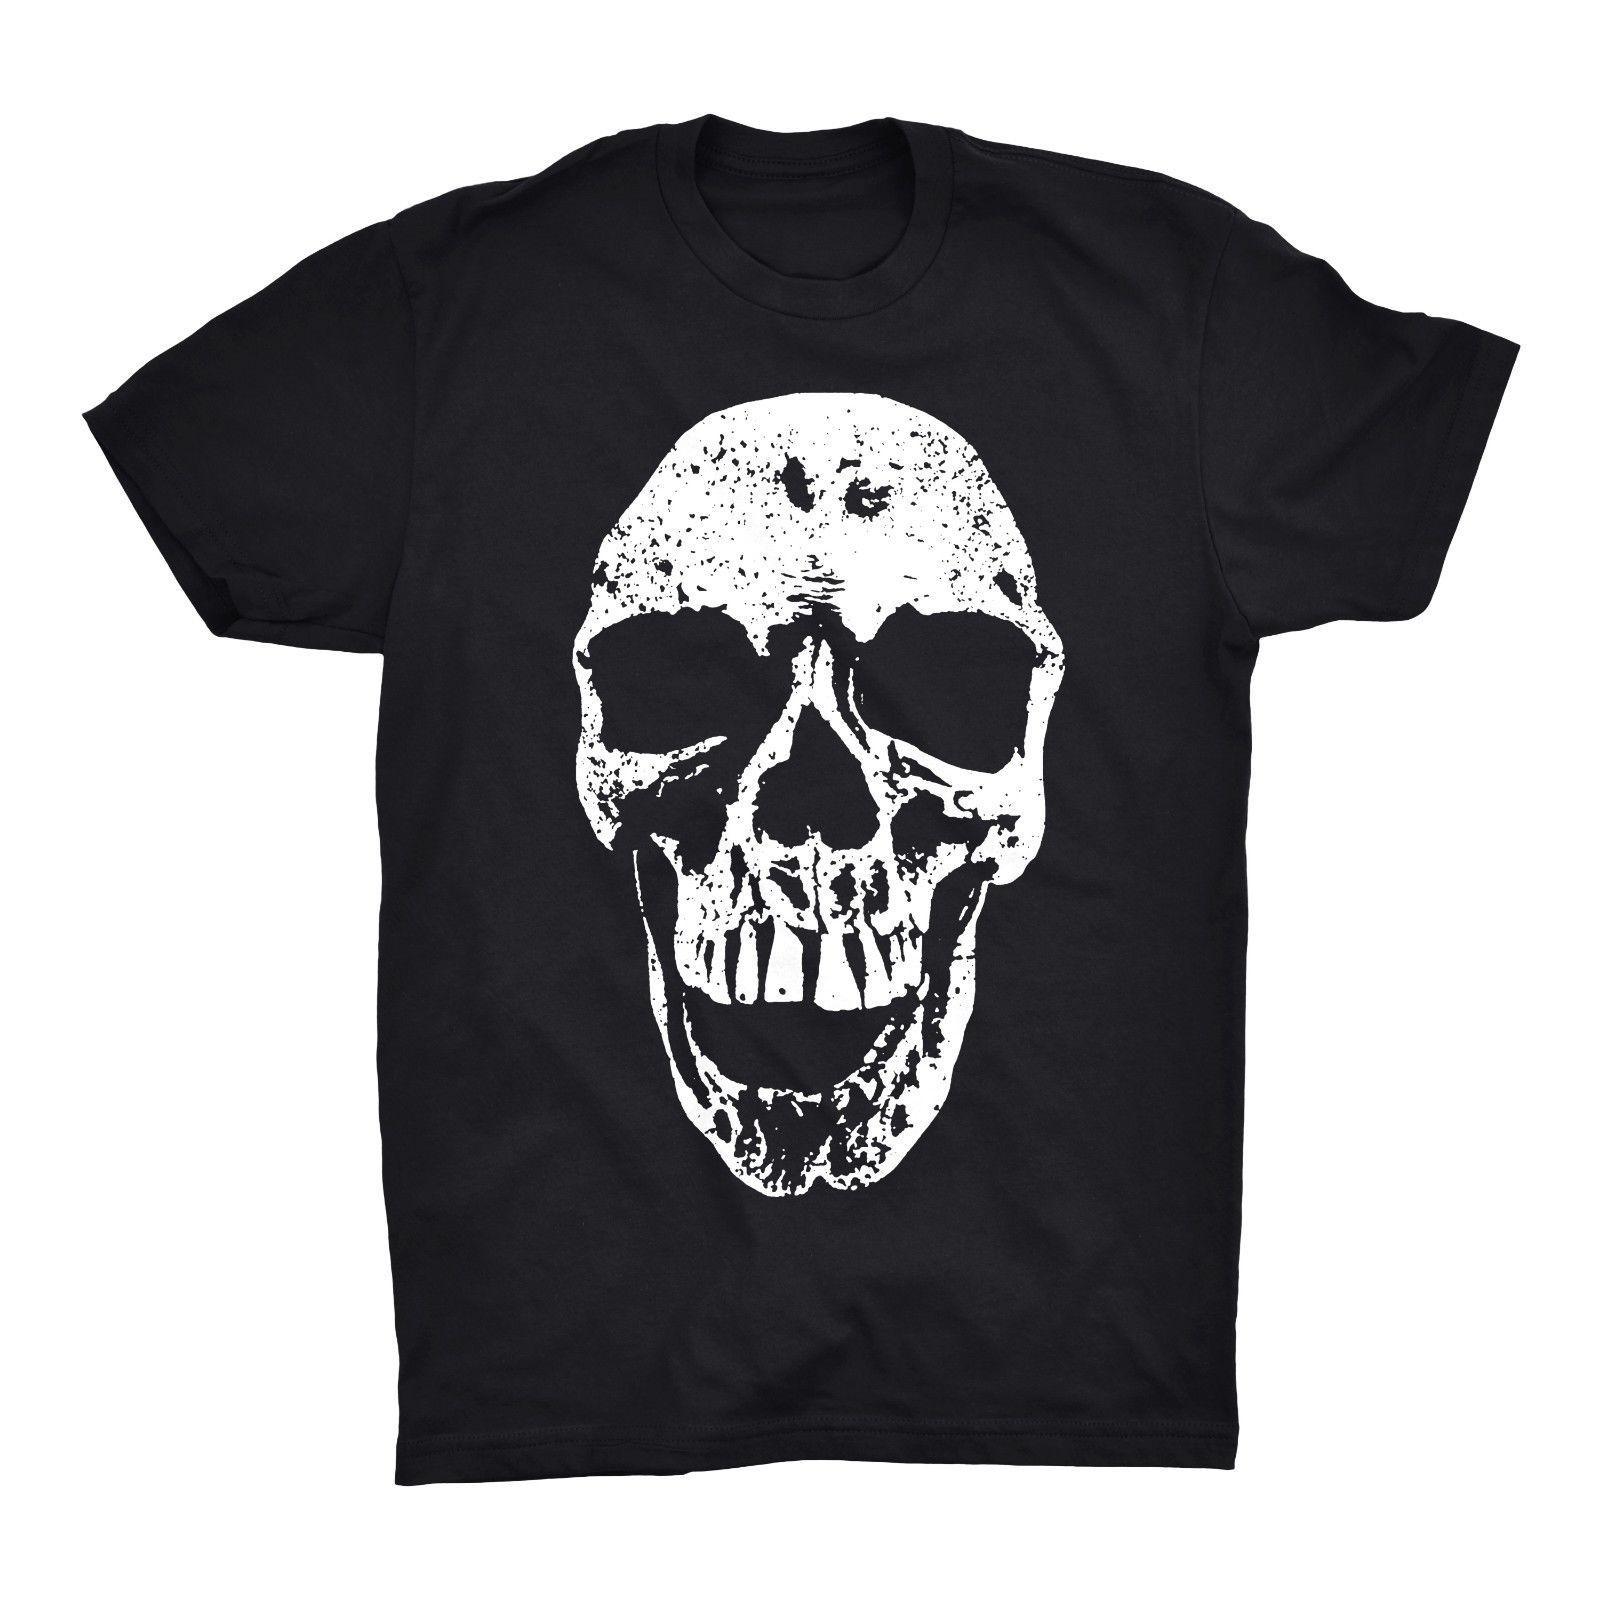 974397a4f0f93 Compre Crânio T Camisa Rosto Cabeça Monstro Ossos De Esqueleto Rocha Do  Motociclista Tatuagem De Rock De Metal De Manga Curta Plus Size T Shirt Da  Camisa Da ...